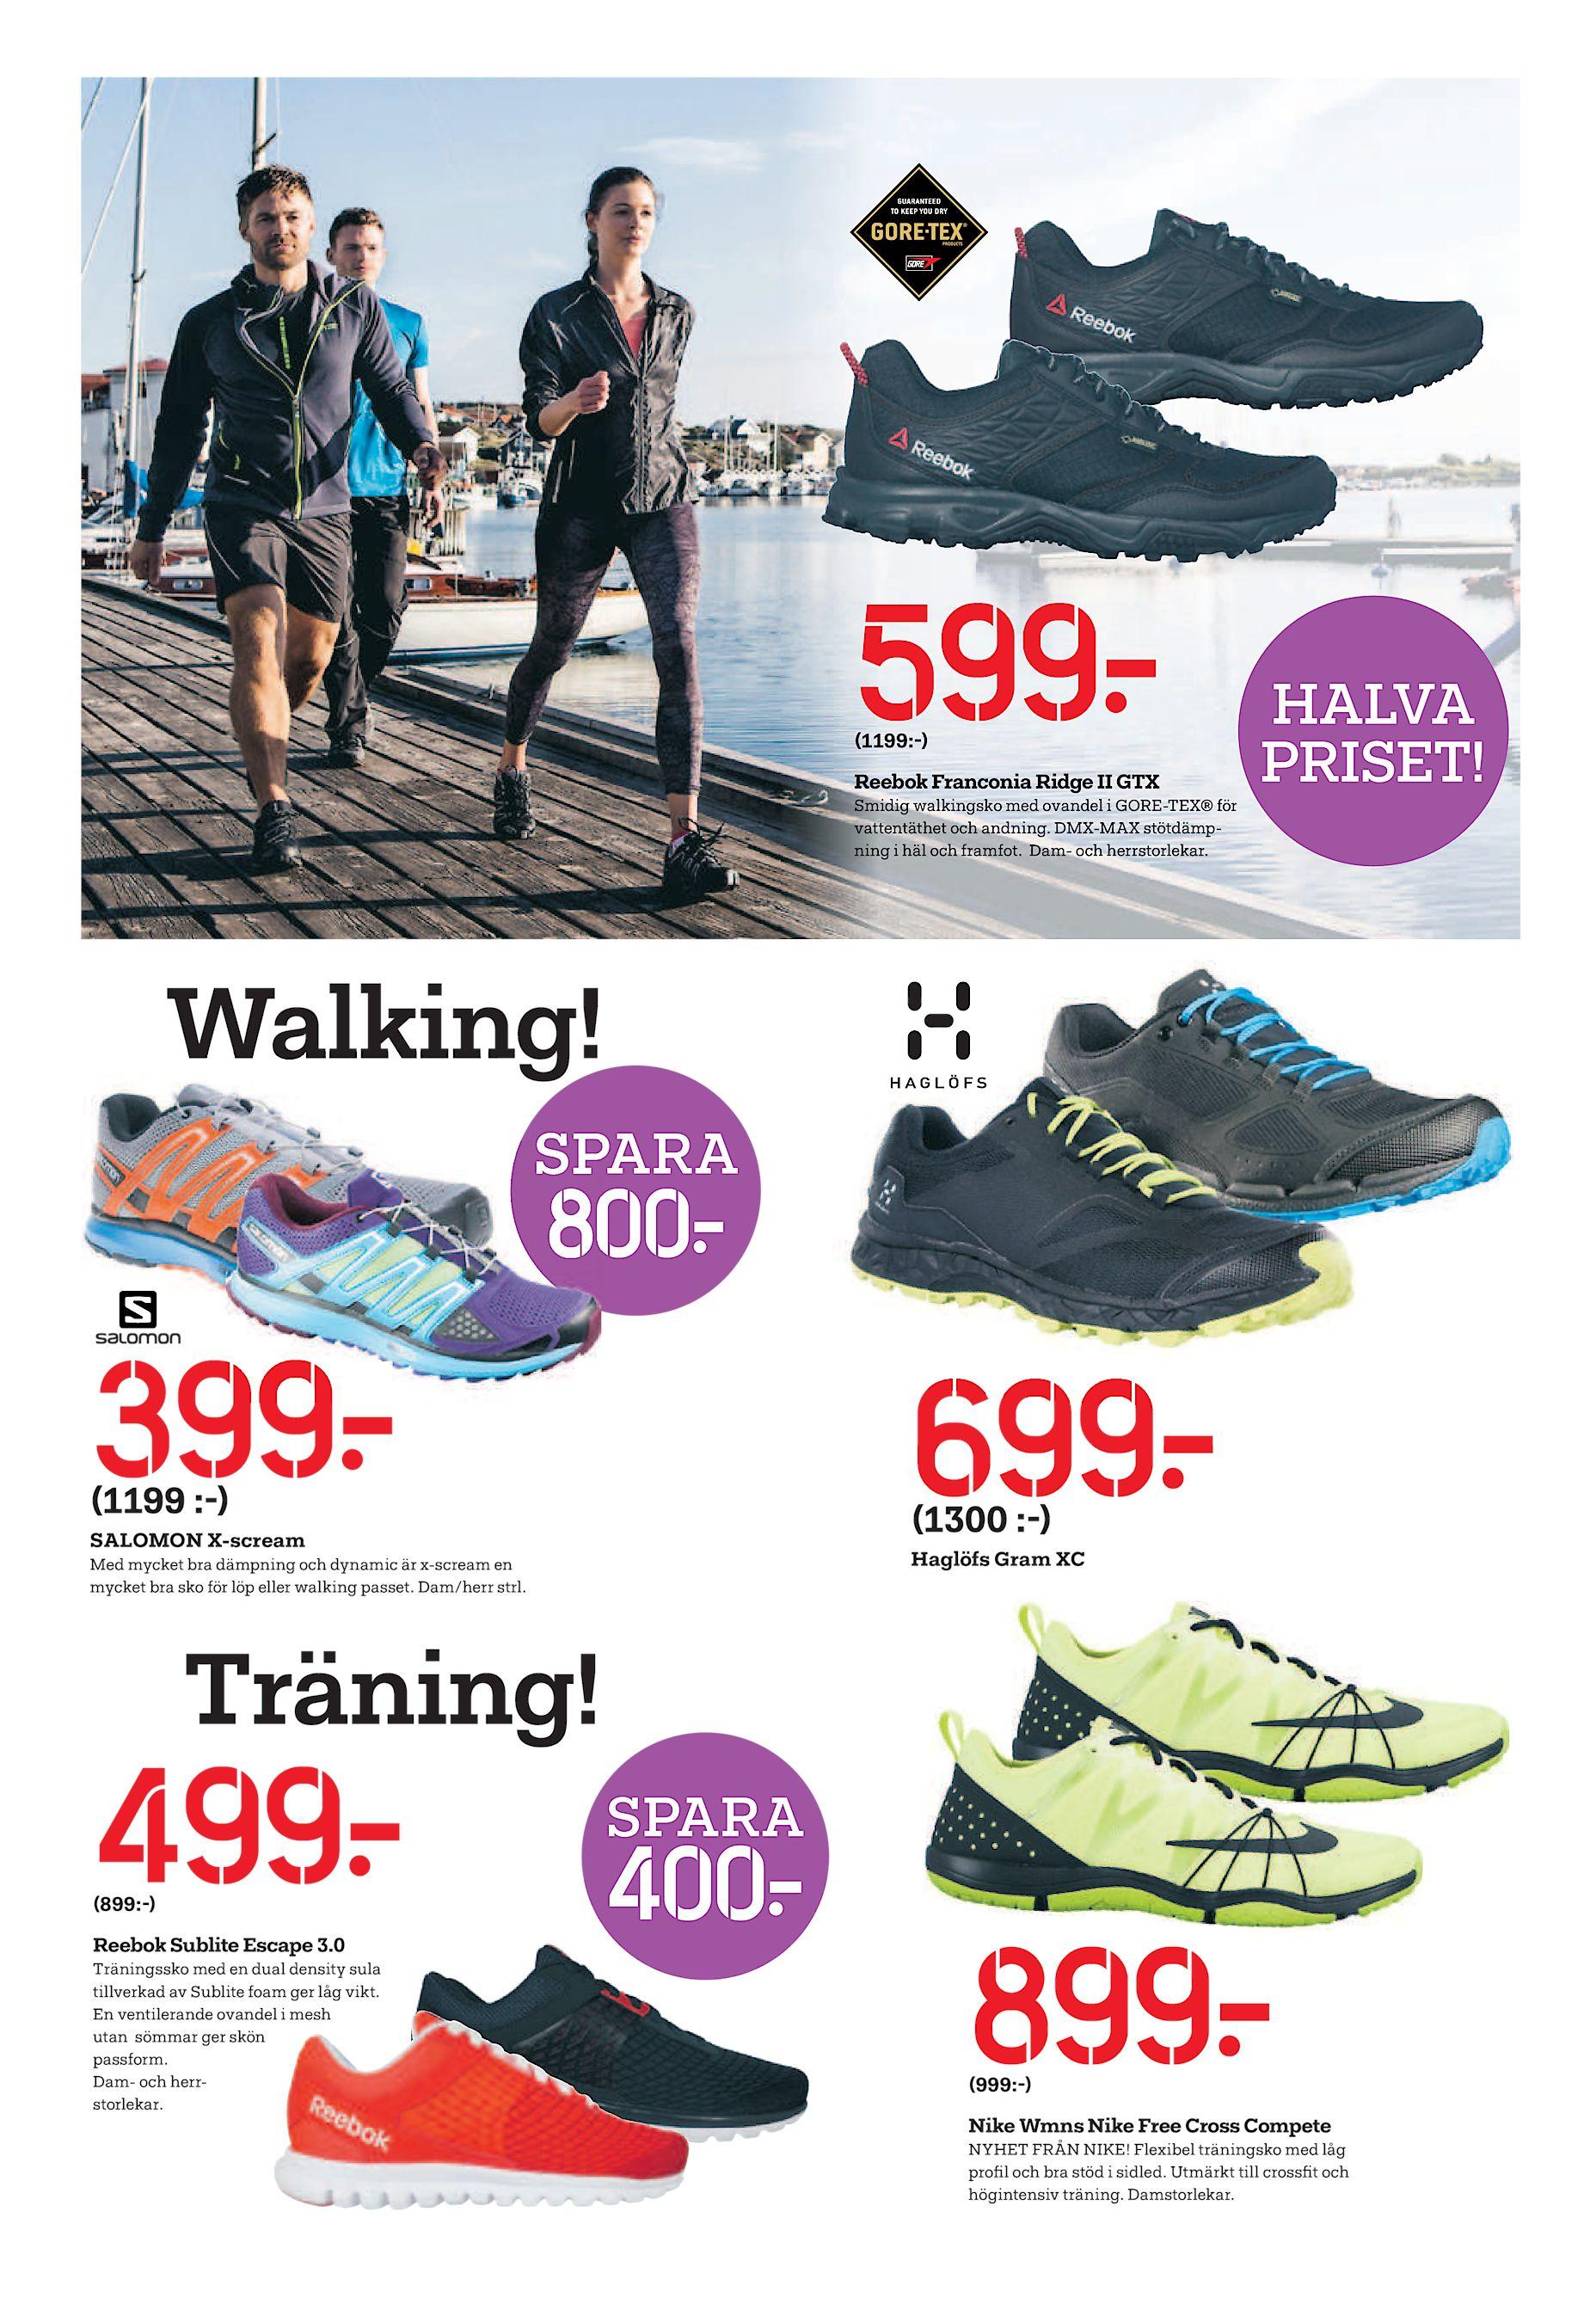 huge discount d0250 5197f Smidig walkingsko med ovandel i GORE-TEX® för vattentäthet och andning.  DMX-MAX stötdämpning i häl och framfot. Dam- och herrstorlekar. Walking!